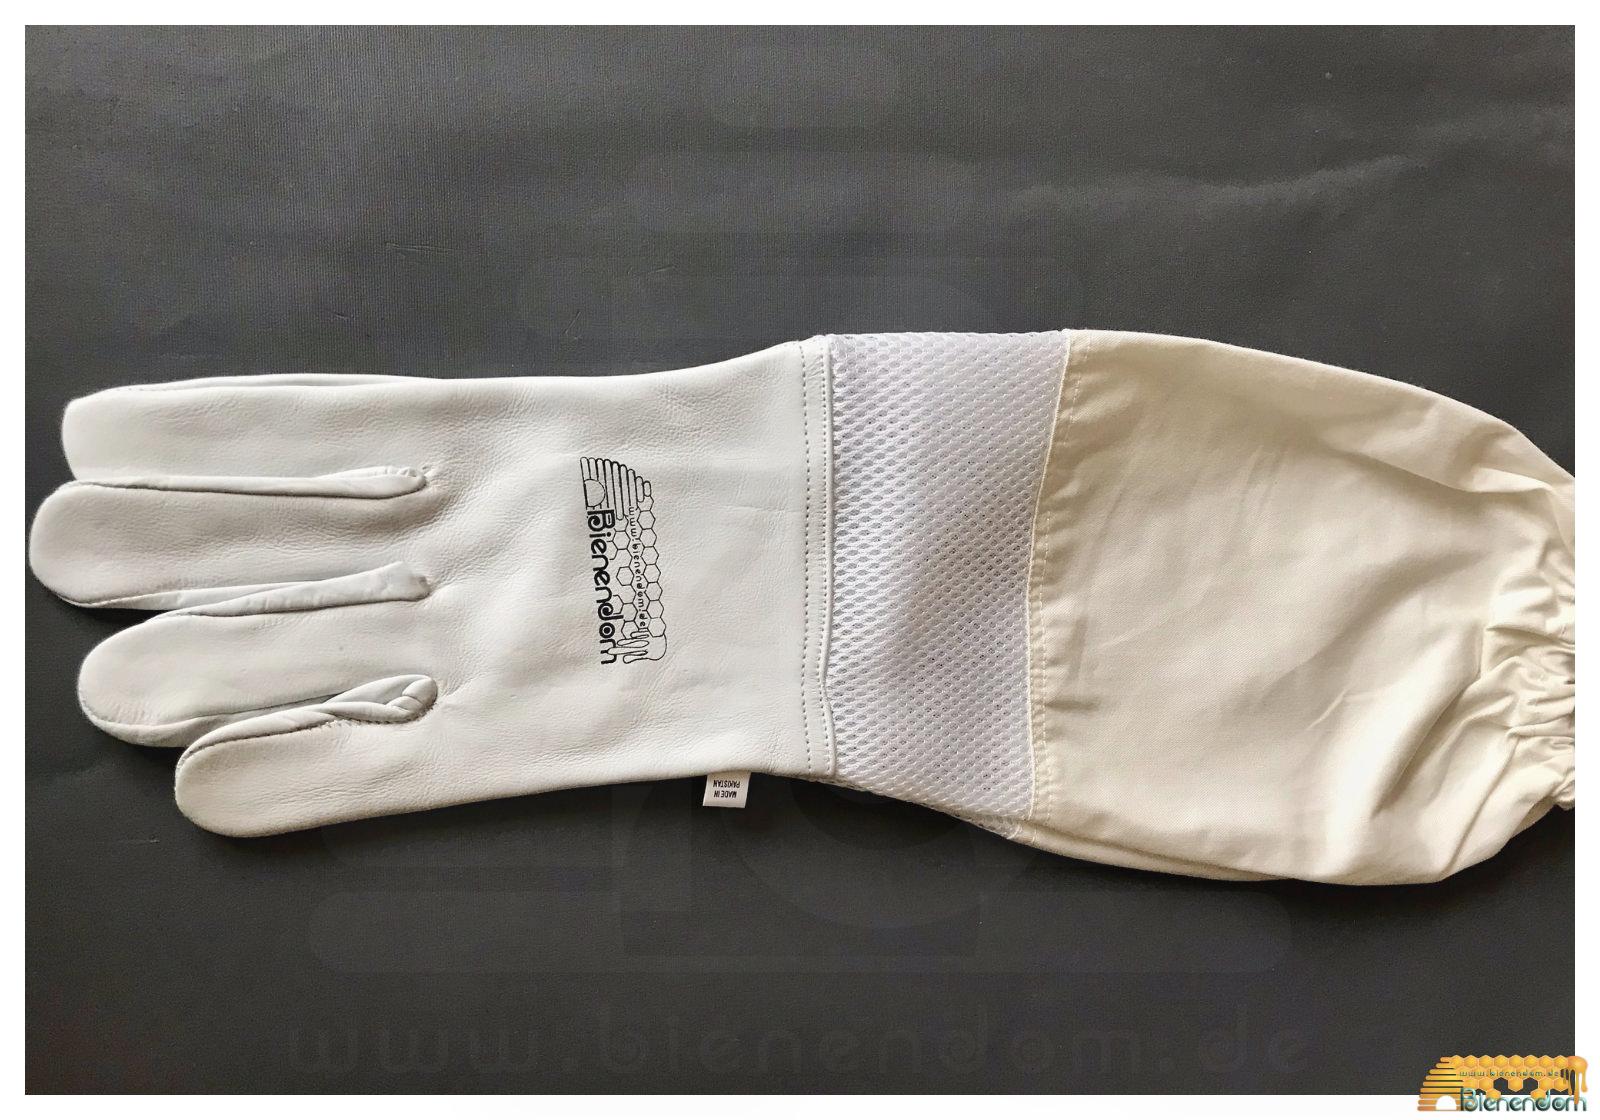 Imkerhandschuh aus Leder mit langer Stulpe